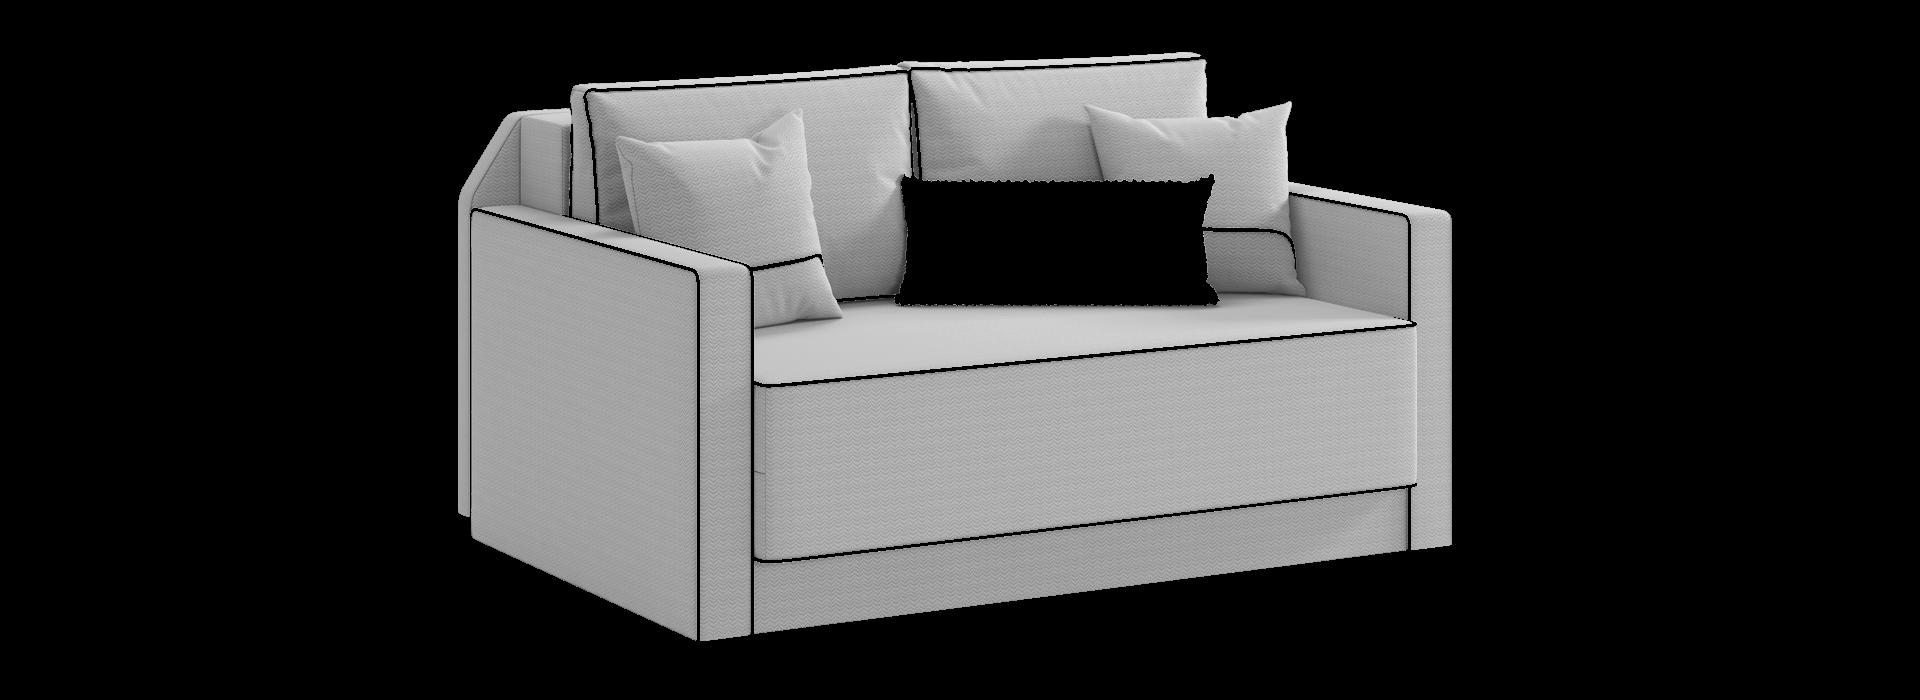 Еван диван із розкладкою вперед - маска 2